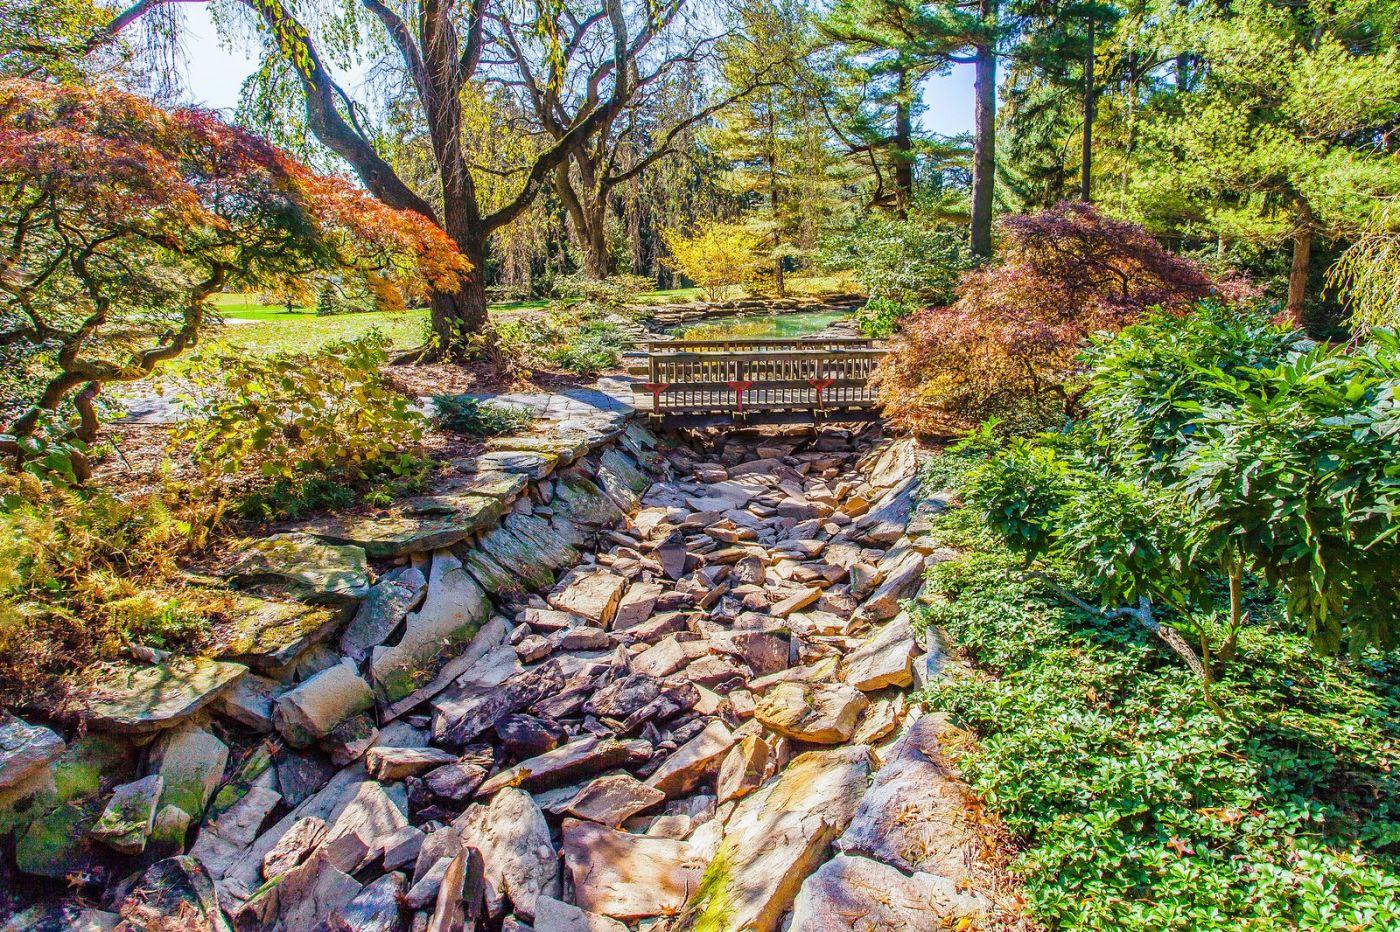 宾州长木公园,熟悉的景色_图1-27